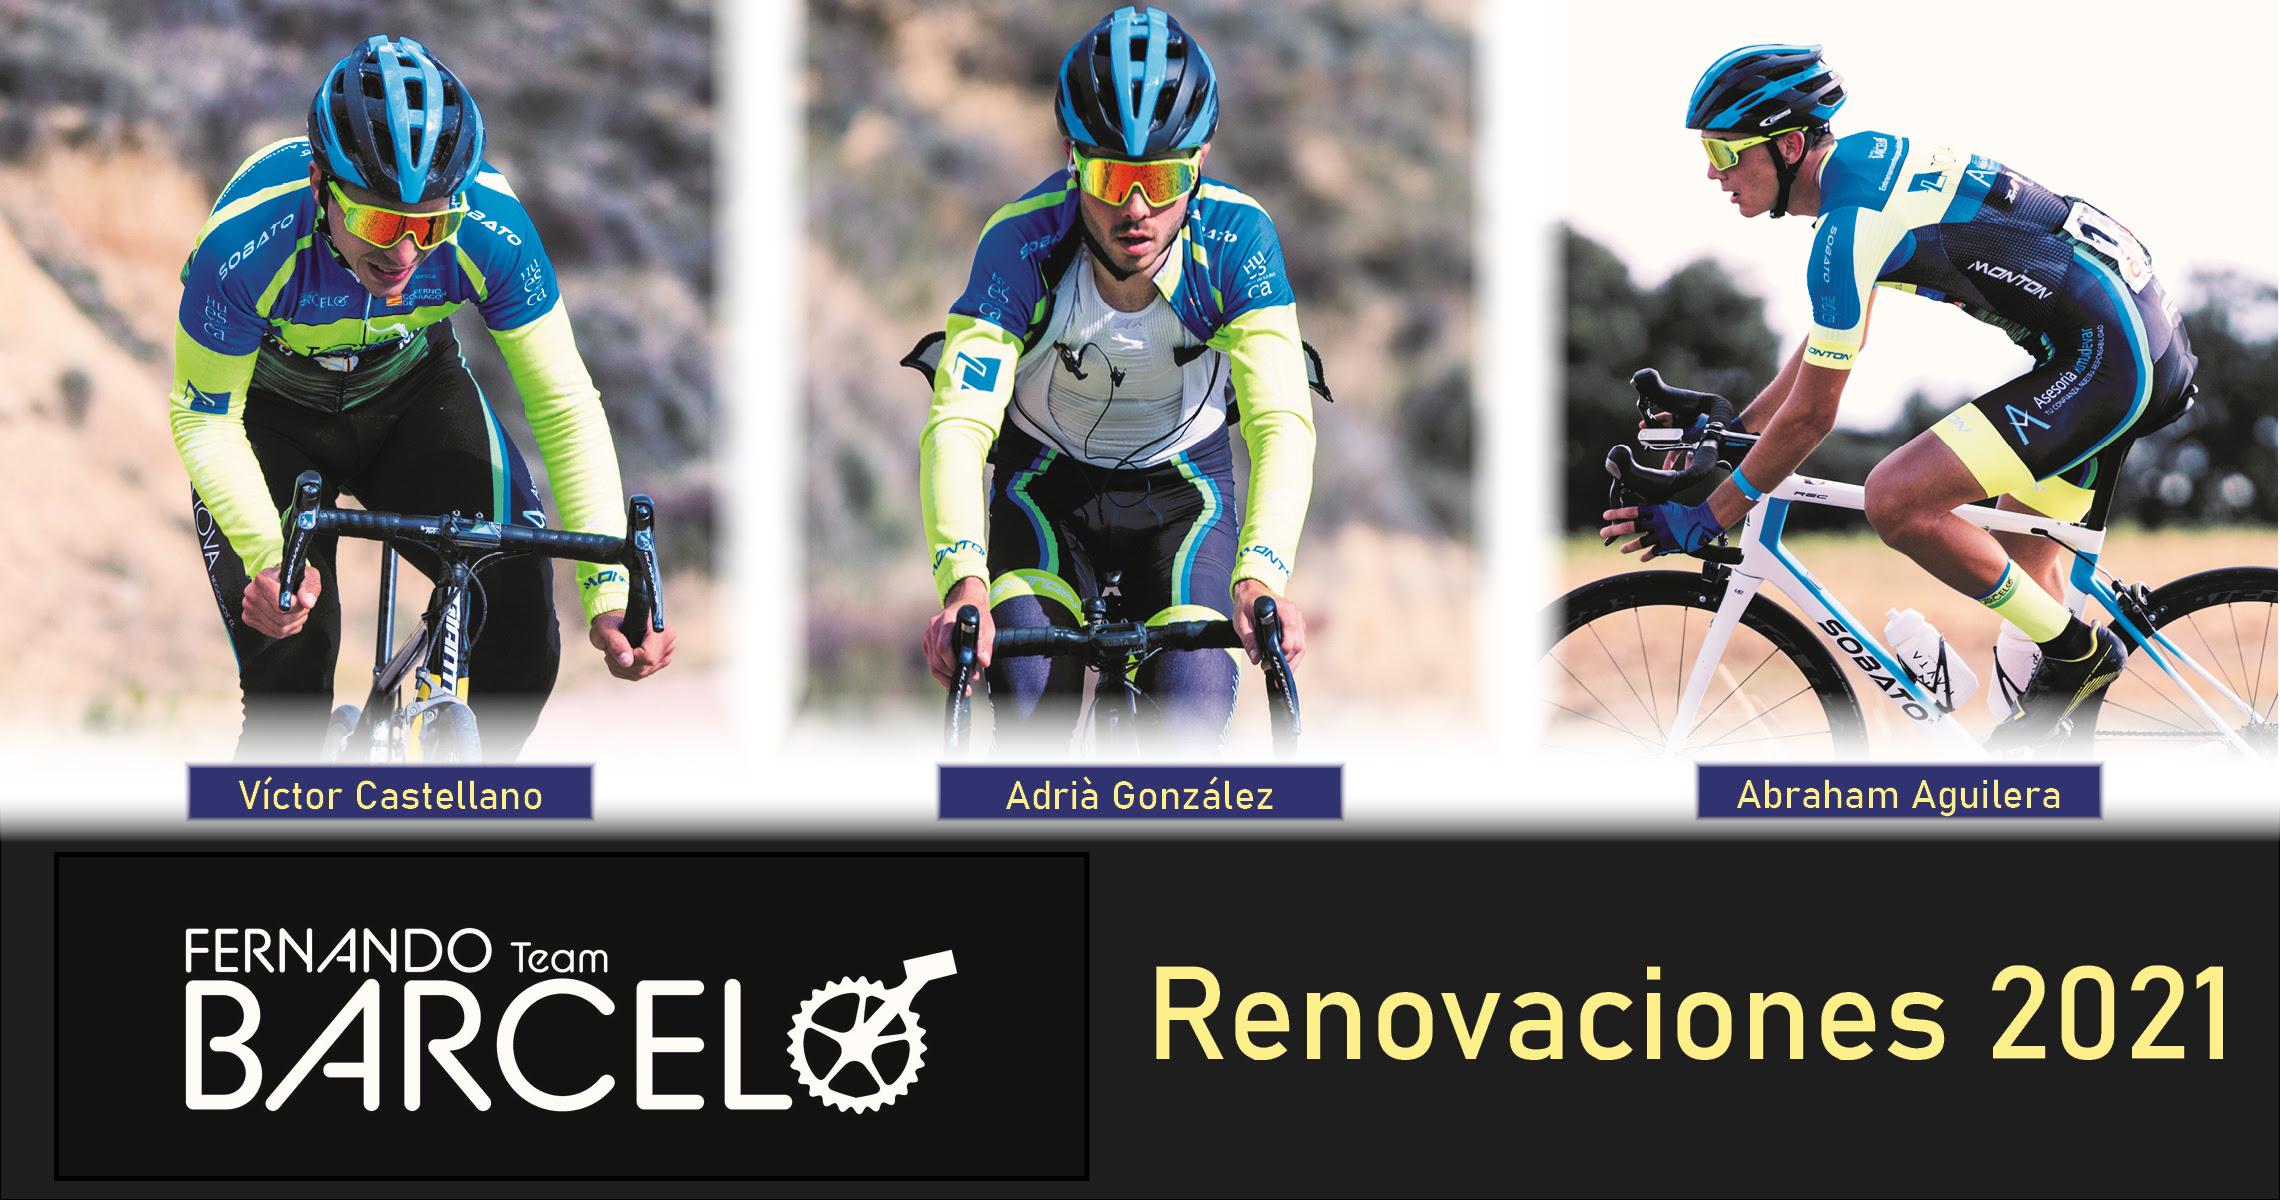 Renovaciones Barceló Team